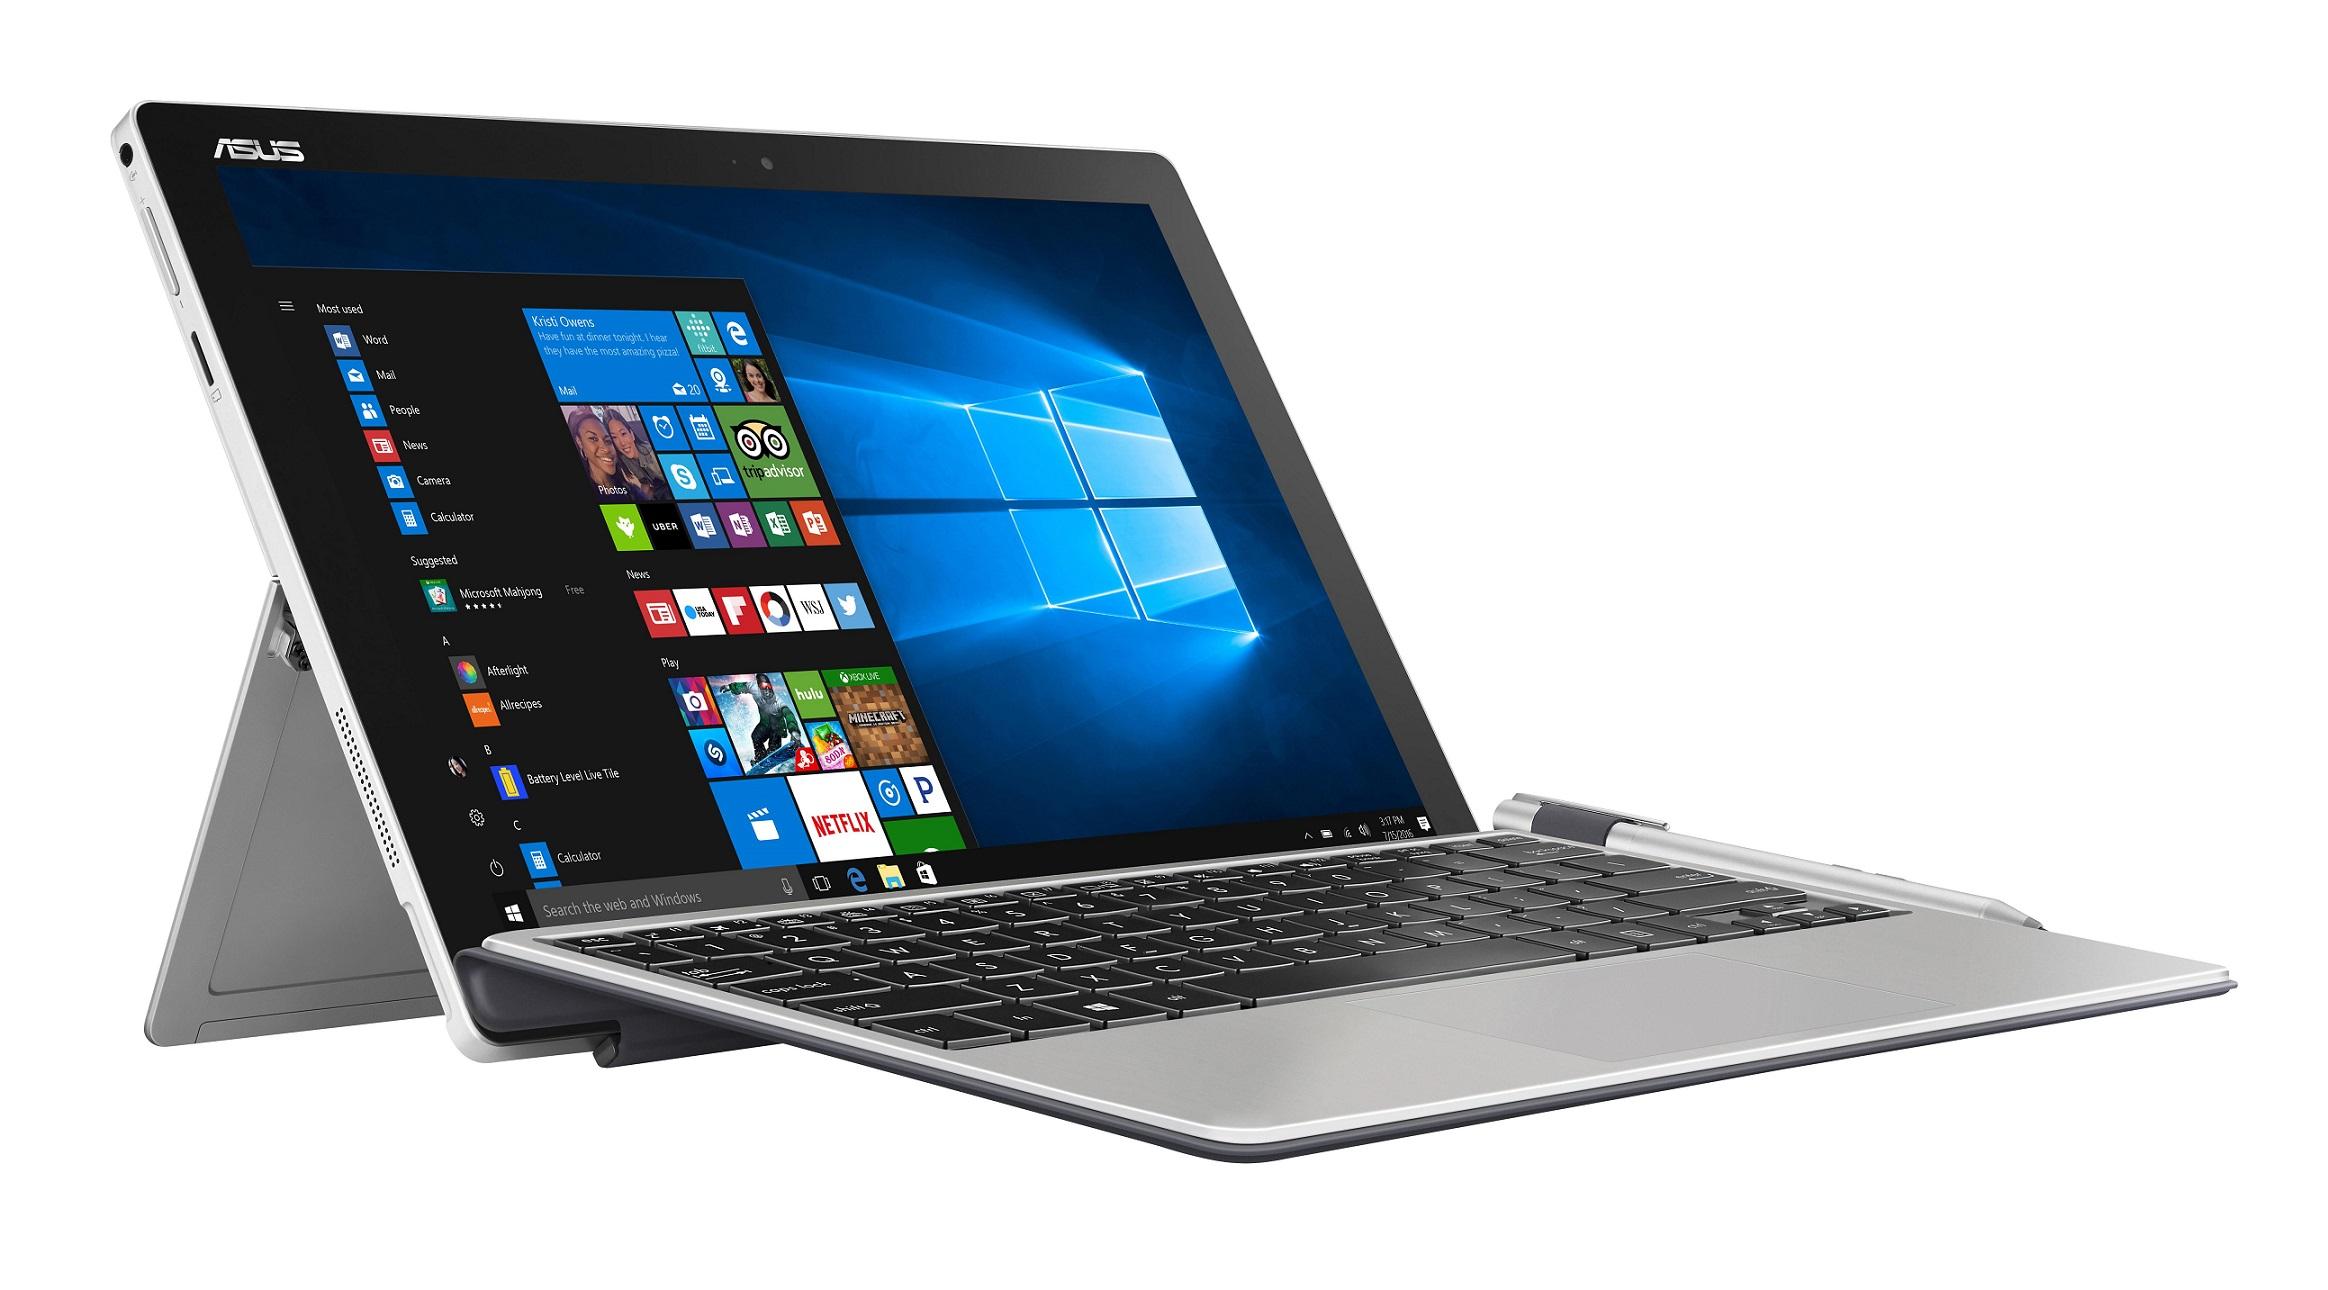 """ASUS T304UA-BC005R i7-7500U/8GB/512G SSD SATA3/HD graphics/12,6"""" 2160x1440 IPS Touch lesklý/W10 Pro/Grey"""